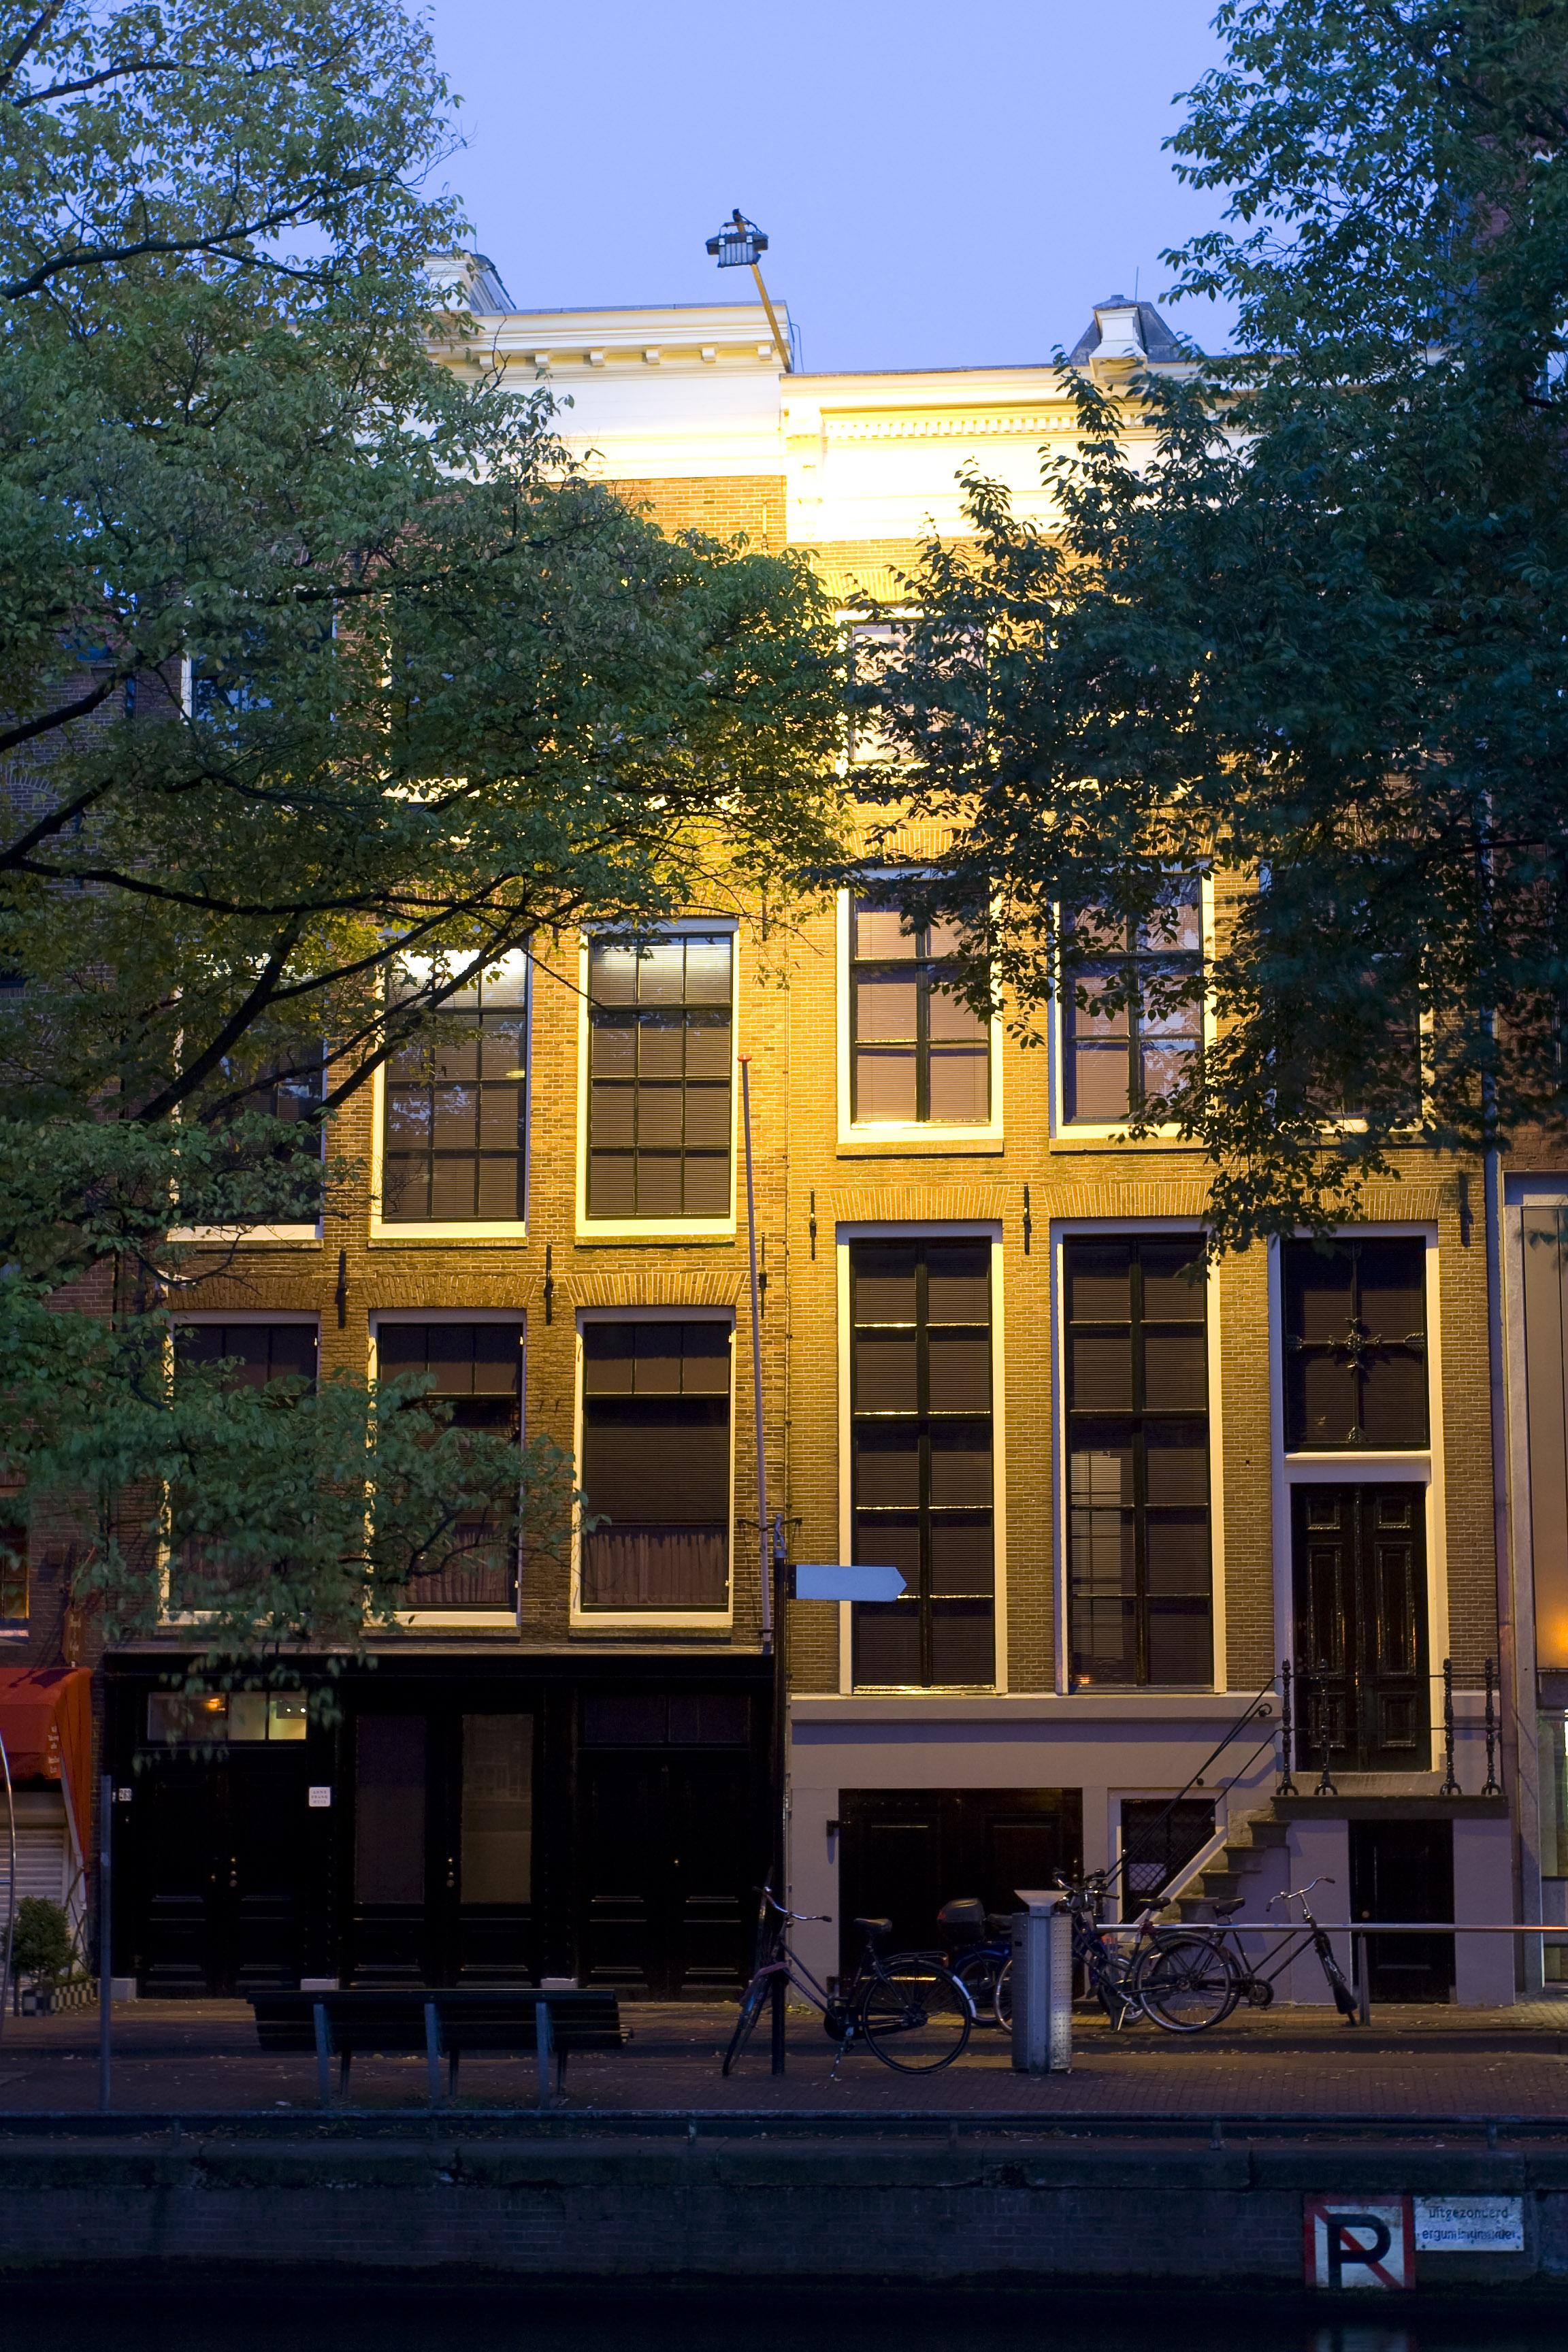 Fileannefrankhuisamsterdam Jpg